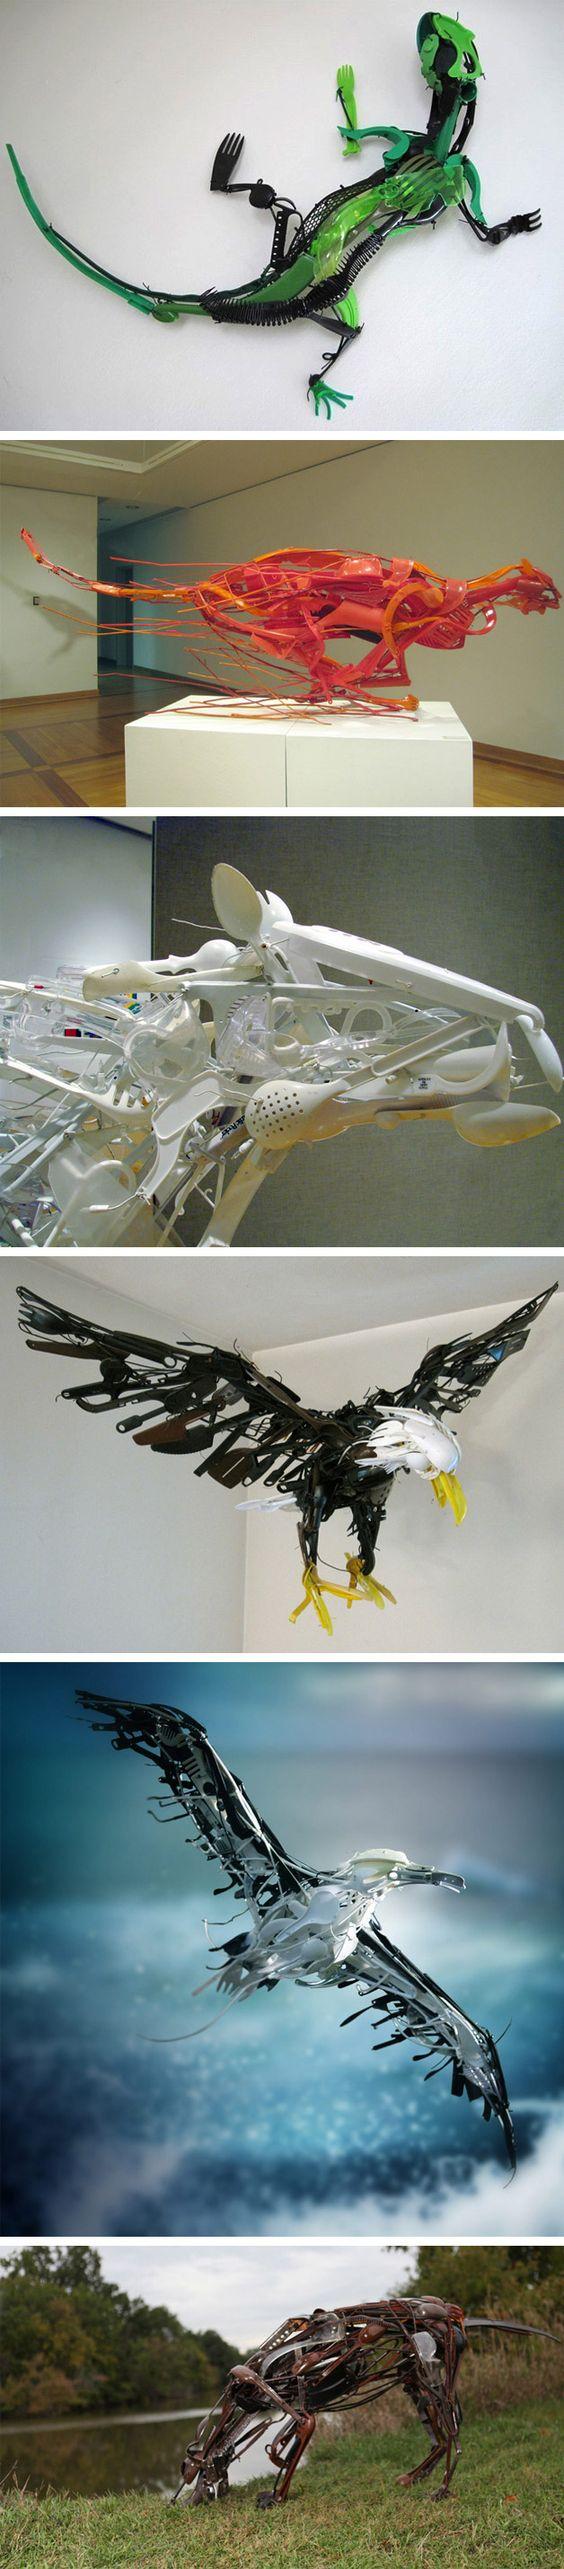 A artista japonesaSayaka Ganzcriou um projeto muito legal de esculturas utilizando somente objetos da cozinha, sala e quarto de uma casa comum.